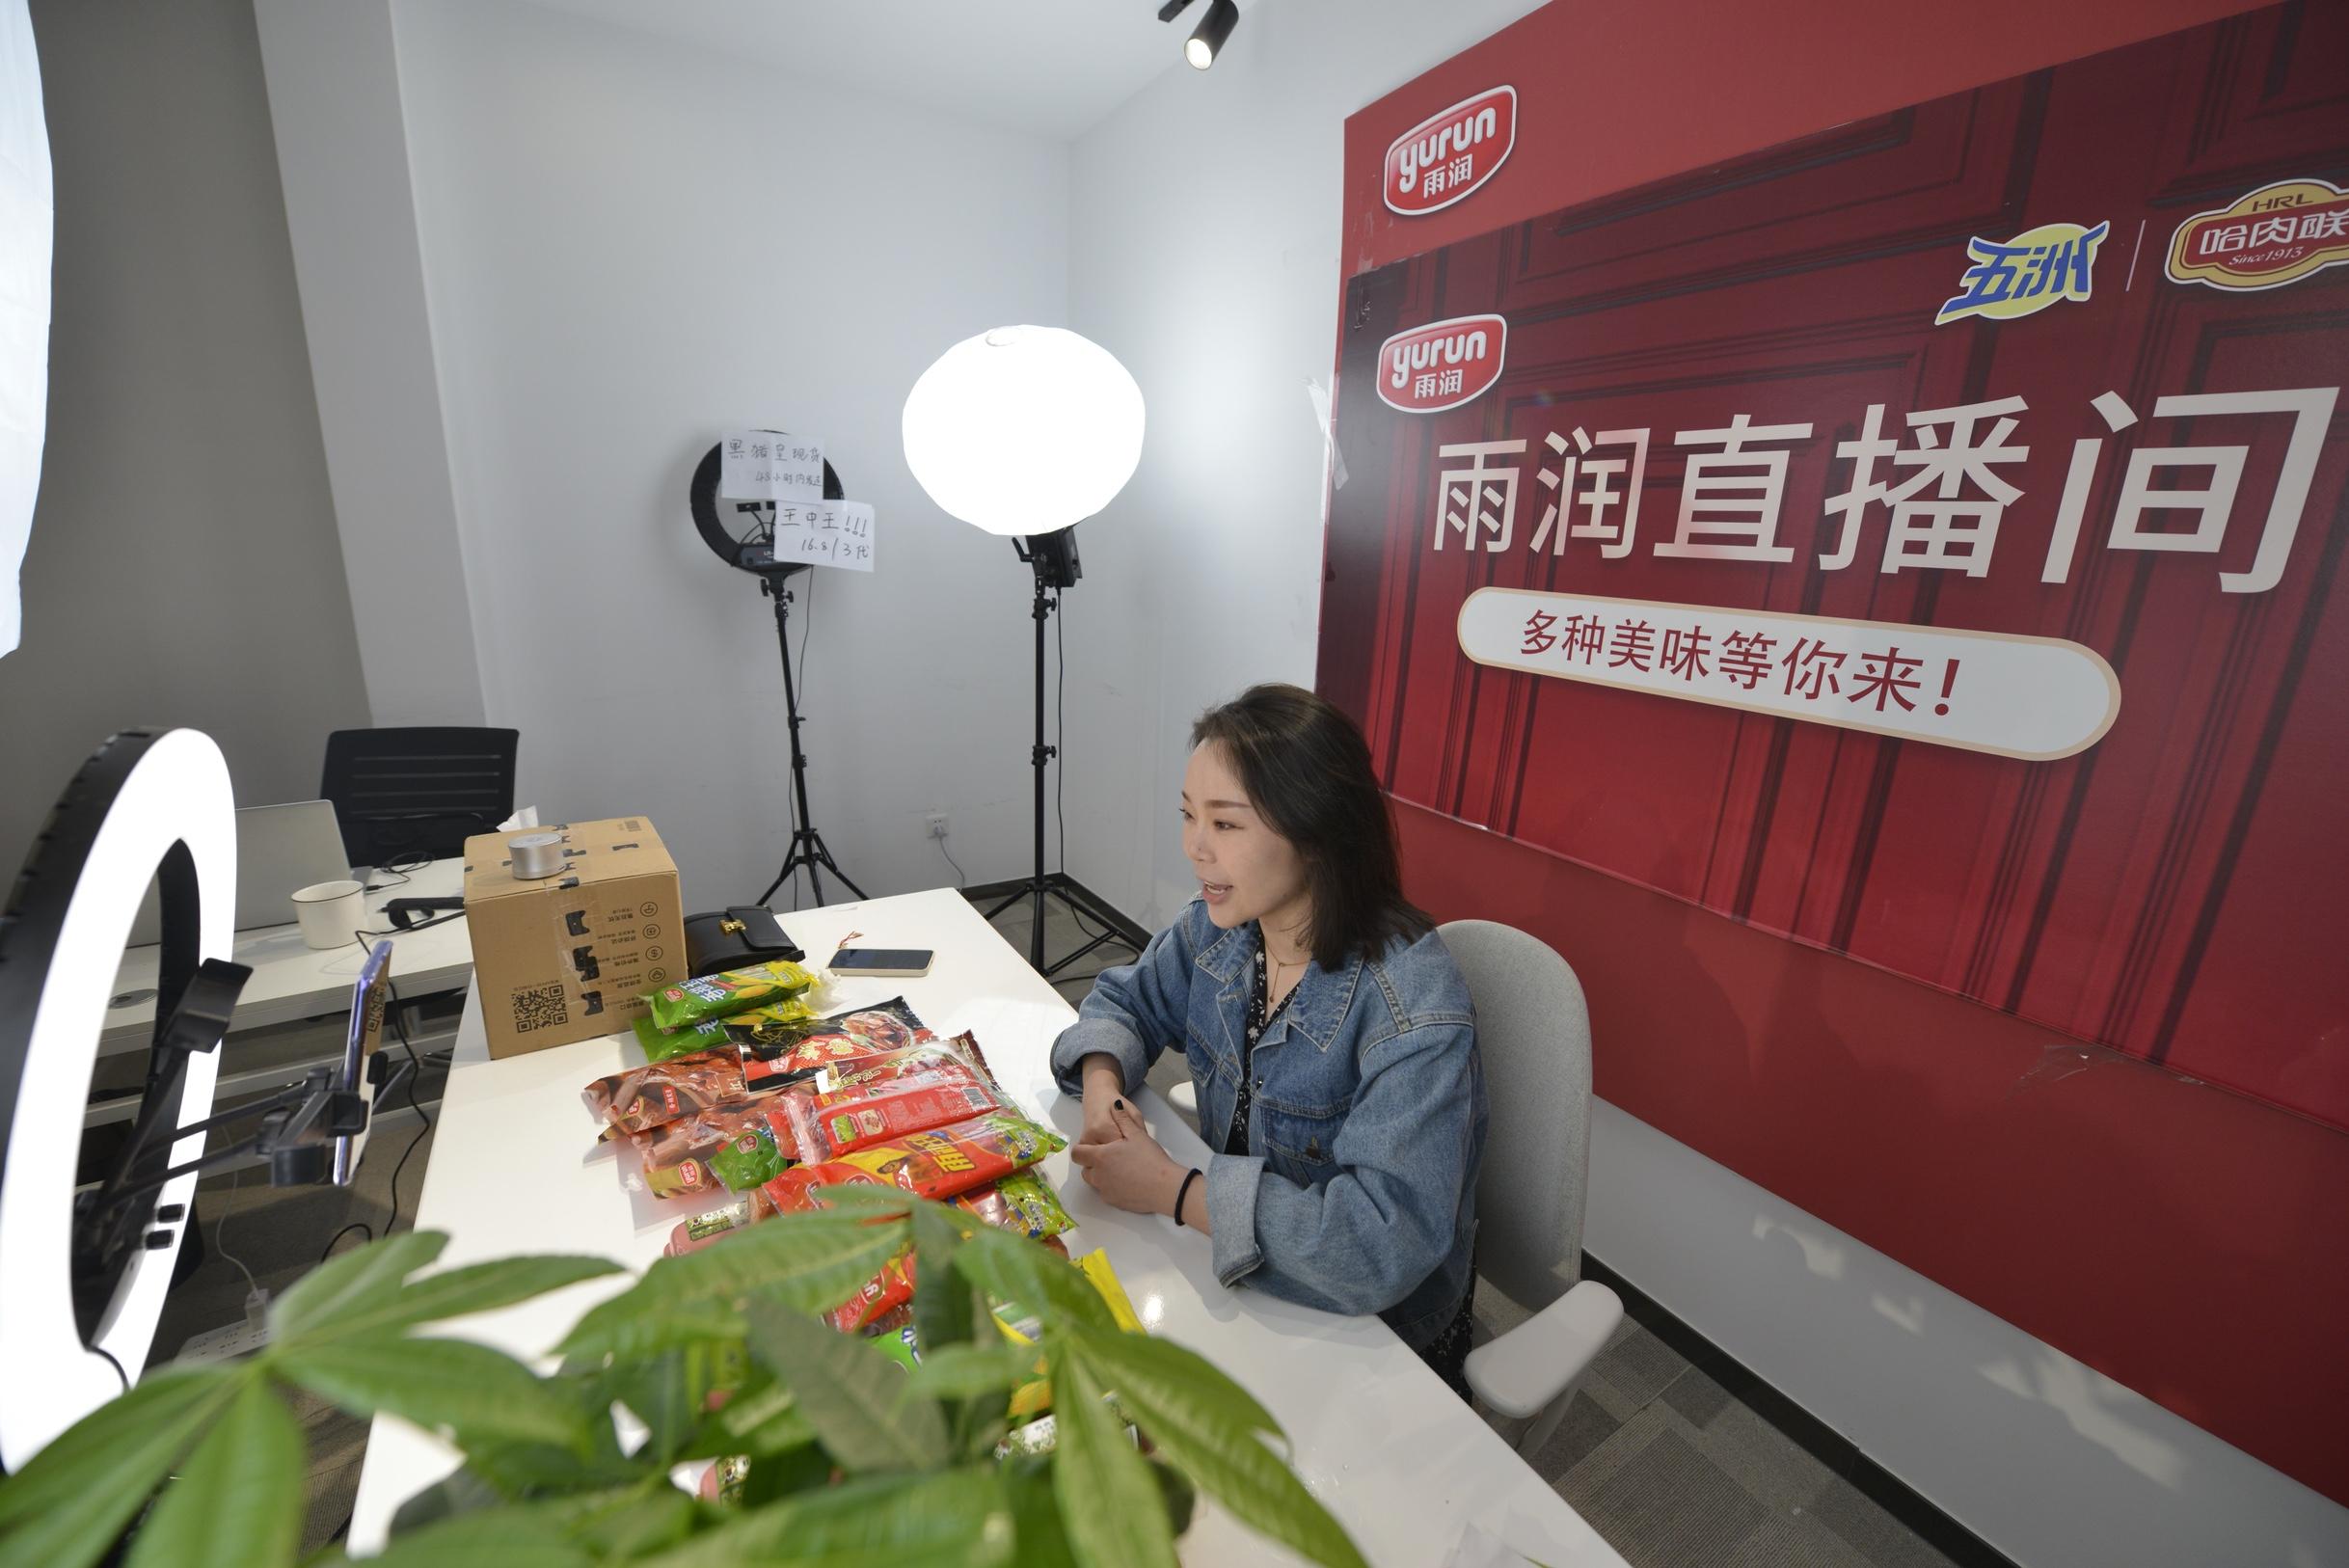 连云港雨润全球直播电商基地建成投运